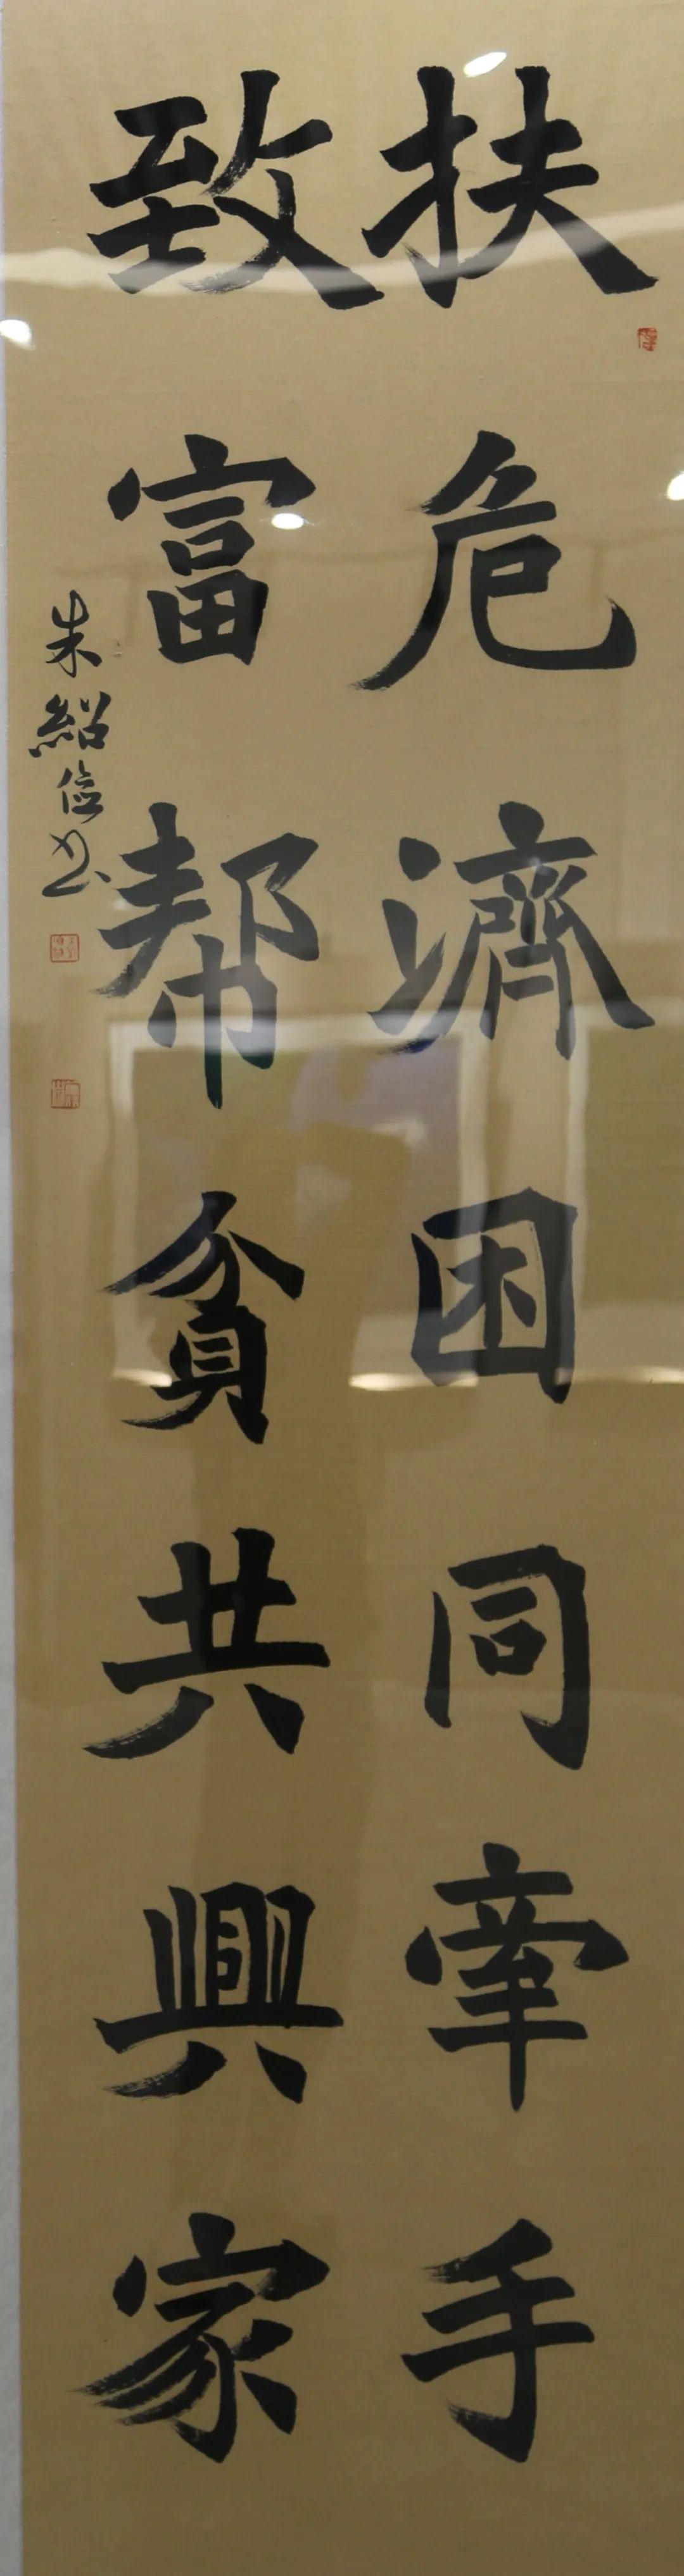 传承红色文化 携手共迎小康 苏皖两省六市书画展在蚌埠开幕(图32)